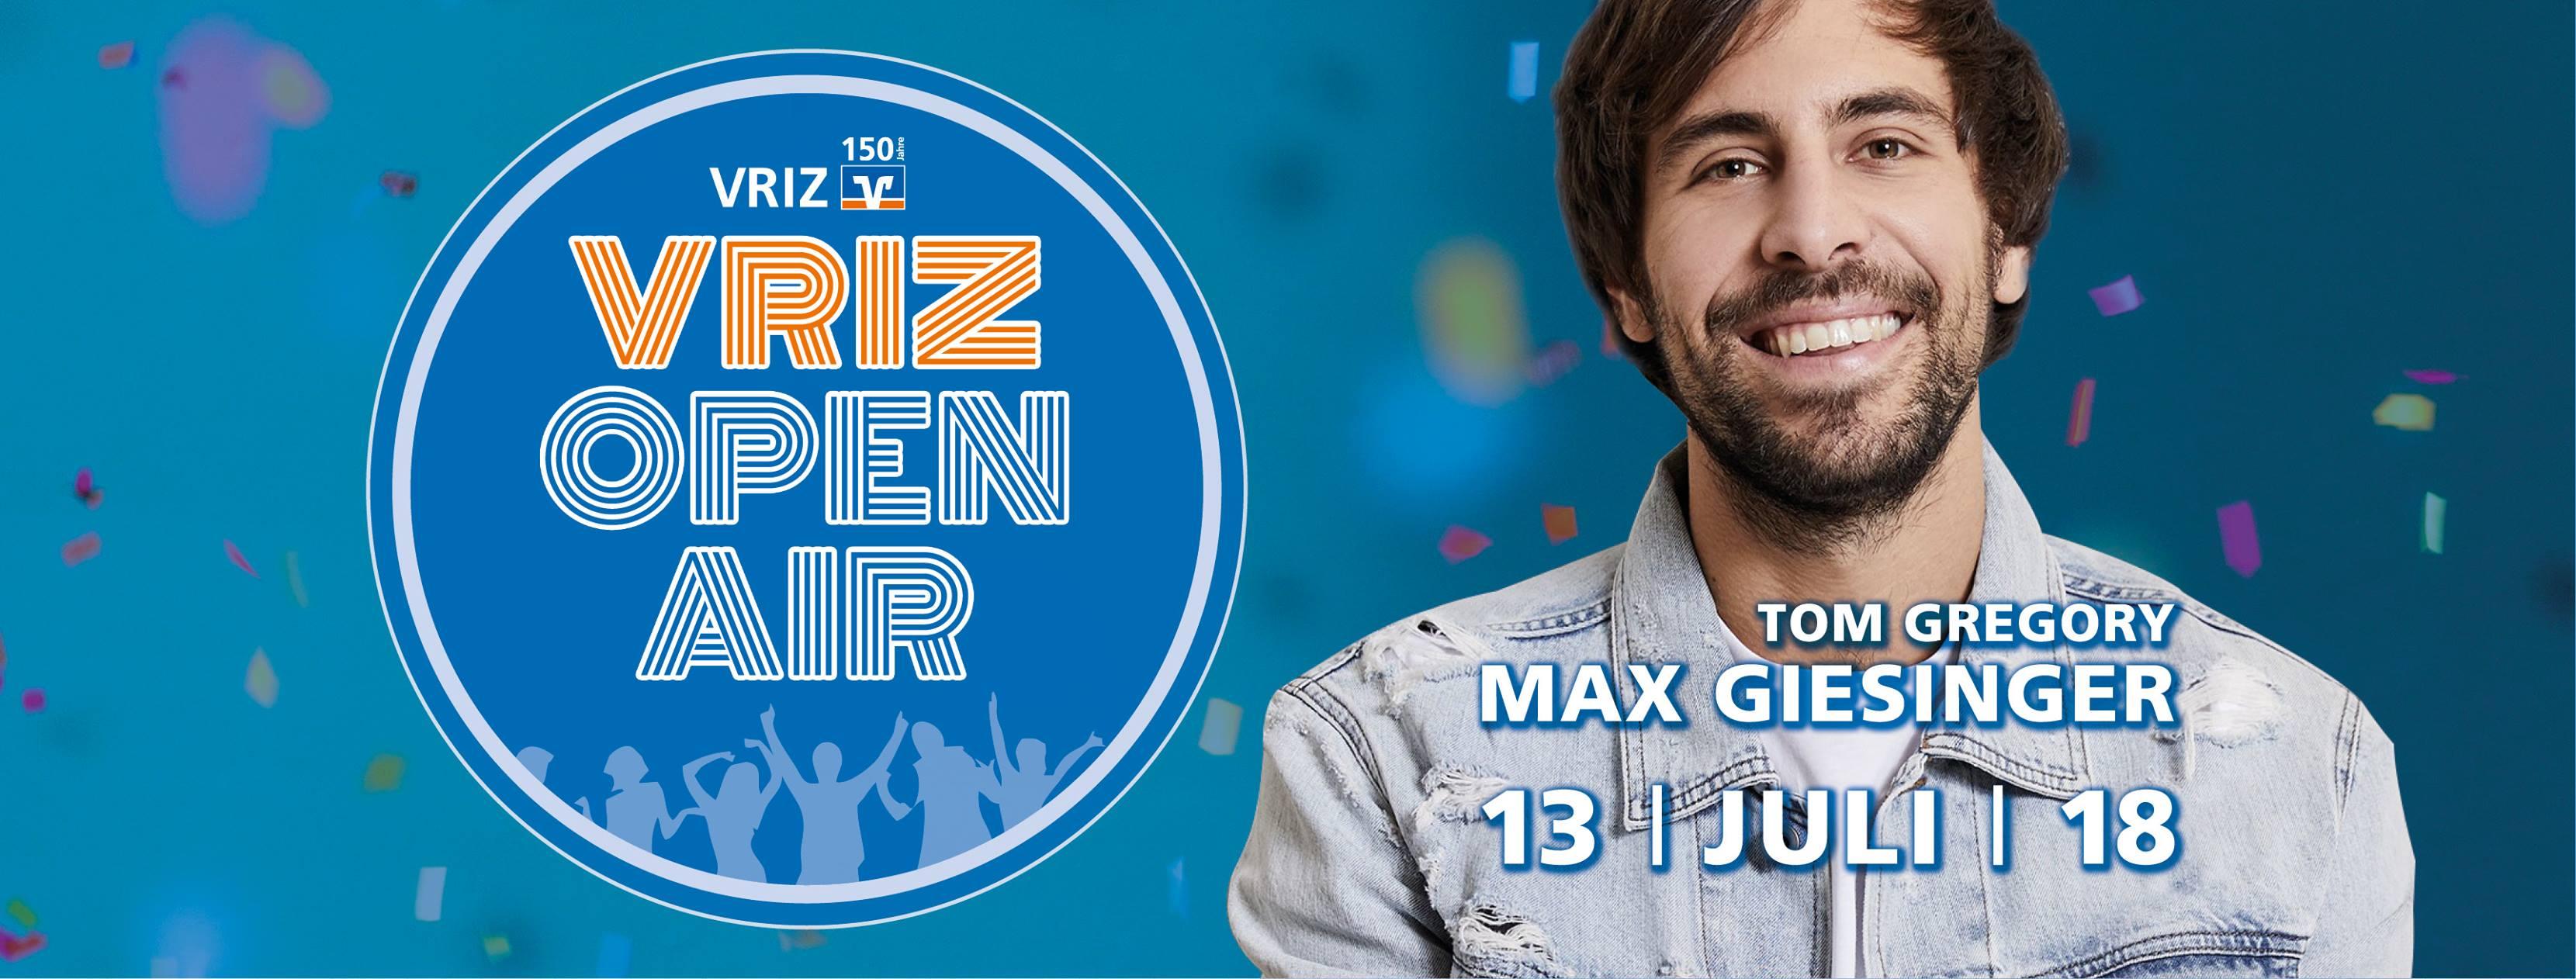 max-giesinger-vbrb-open-air_2